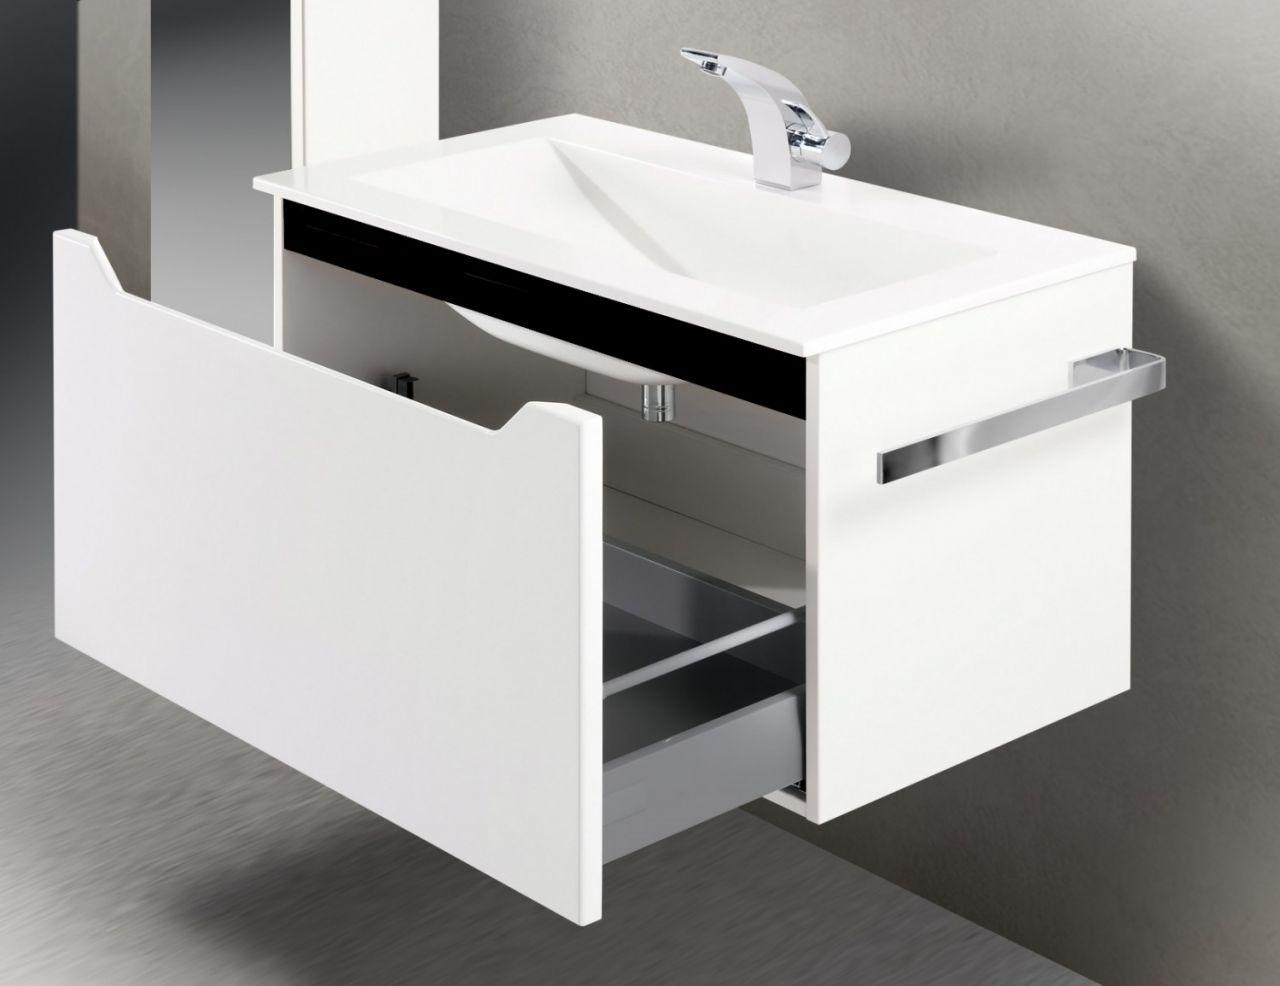 Badmöbel Set 80 cm. Waschtisch mit Unterschrank, grifflos | eBay